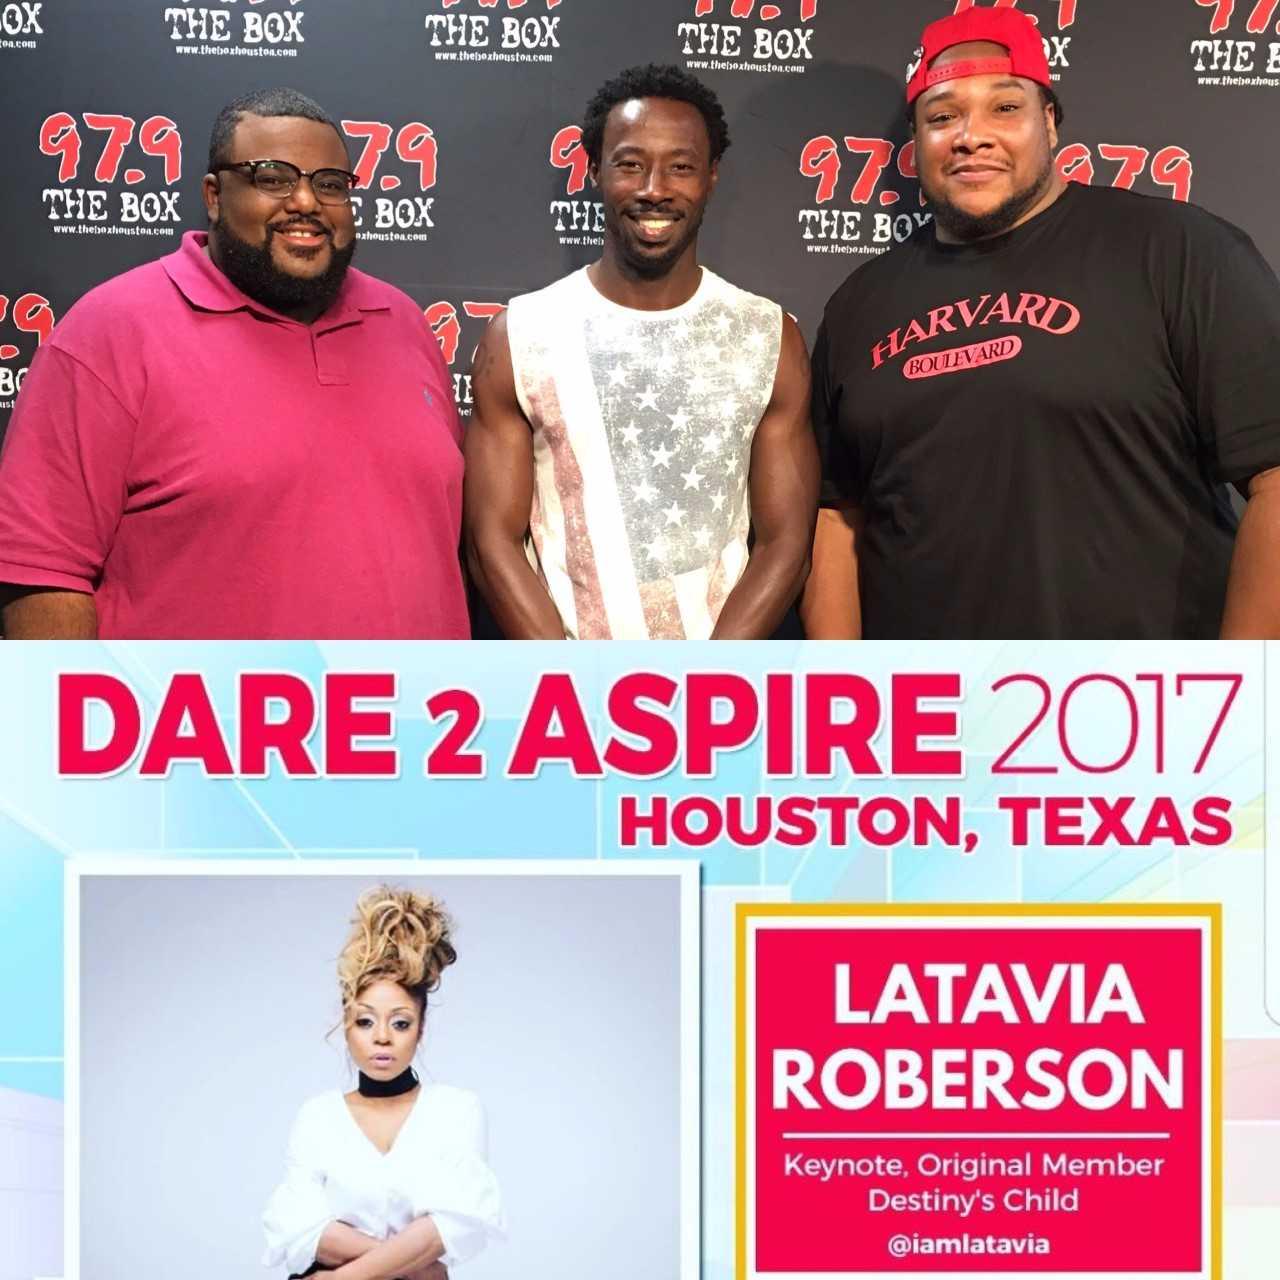 Access Houston | Father's Day | Dare 2 Aspire